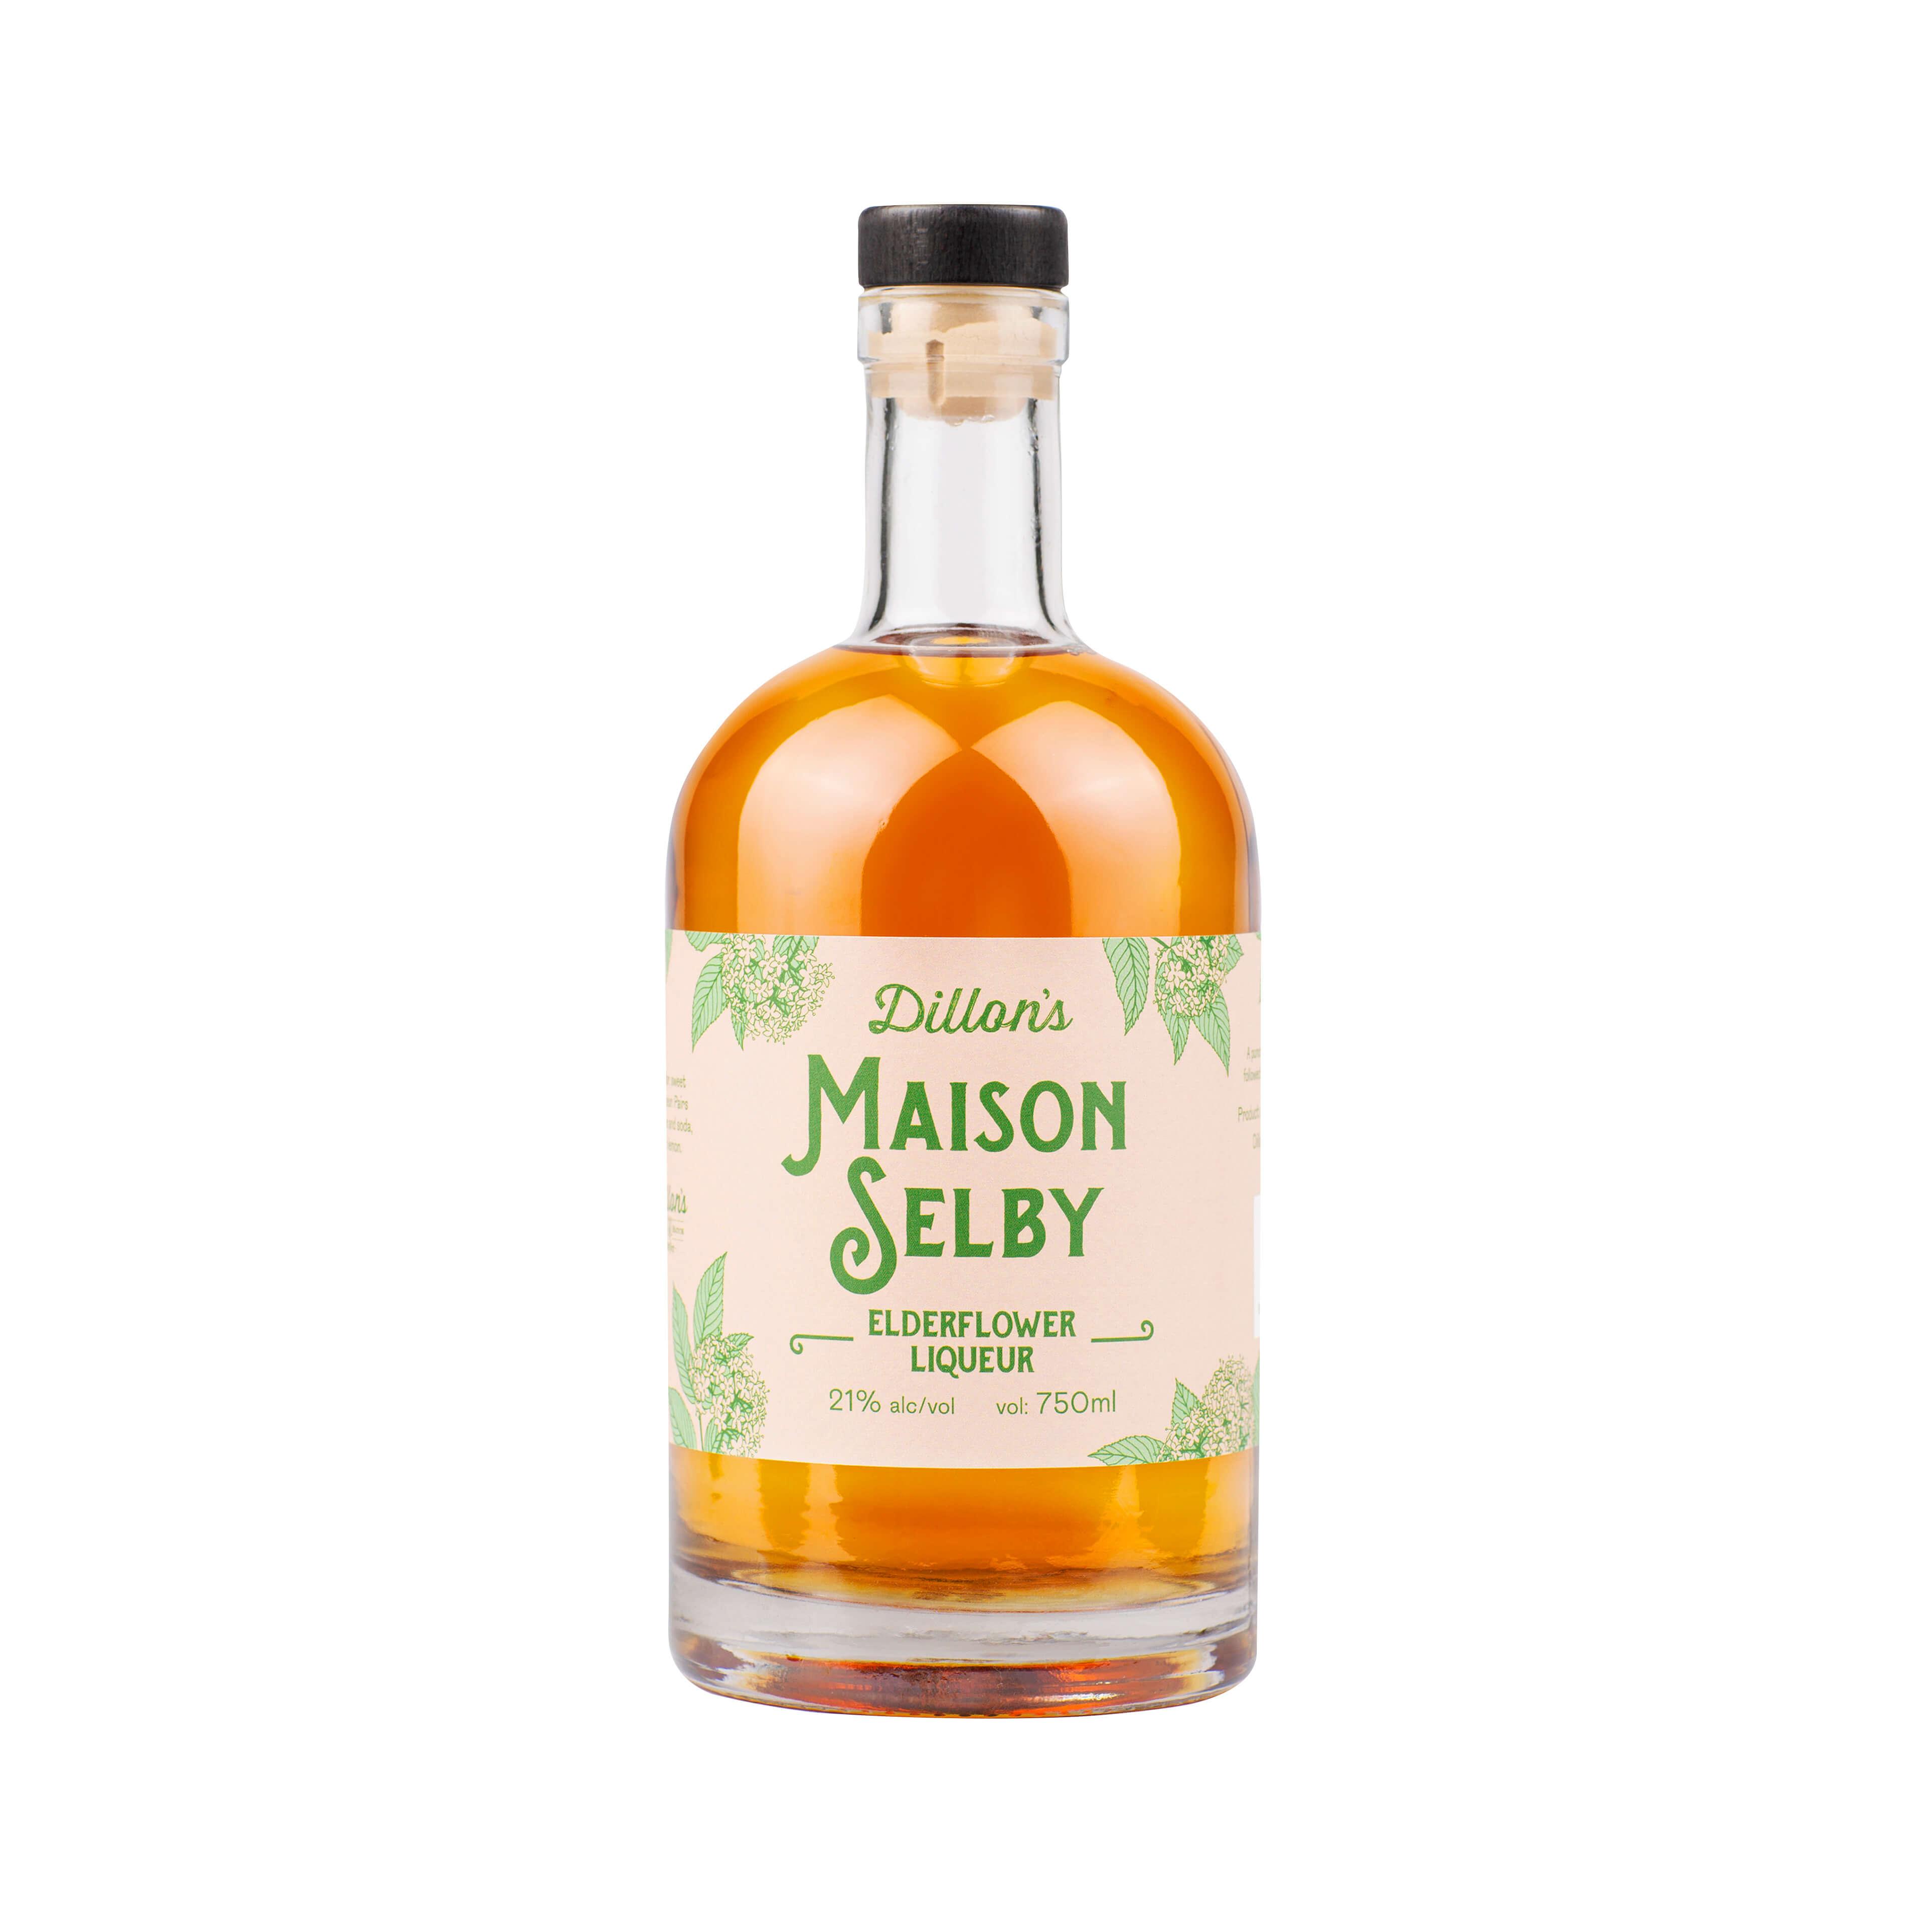 Maison Selby elderflower liqueur